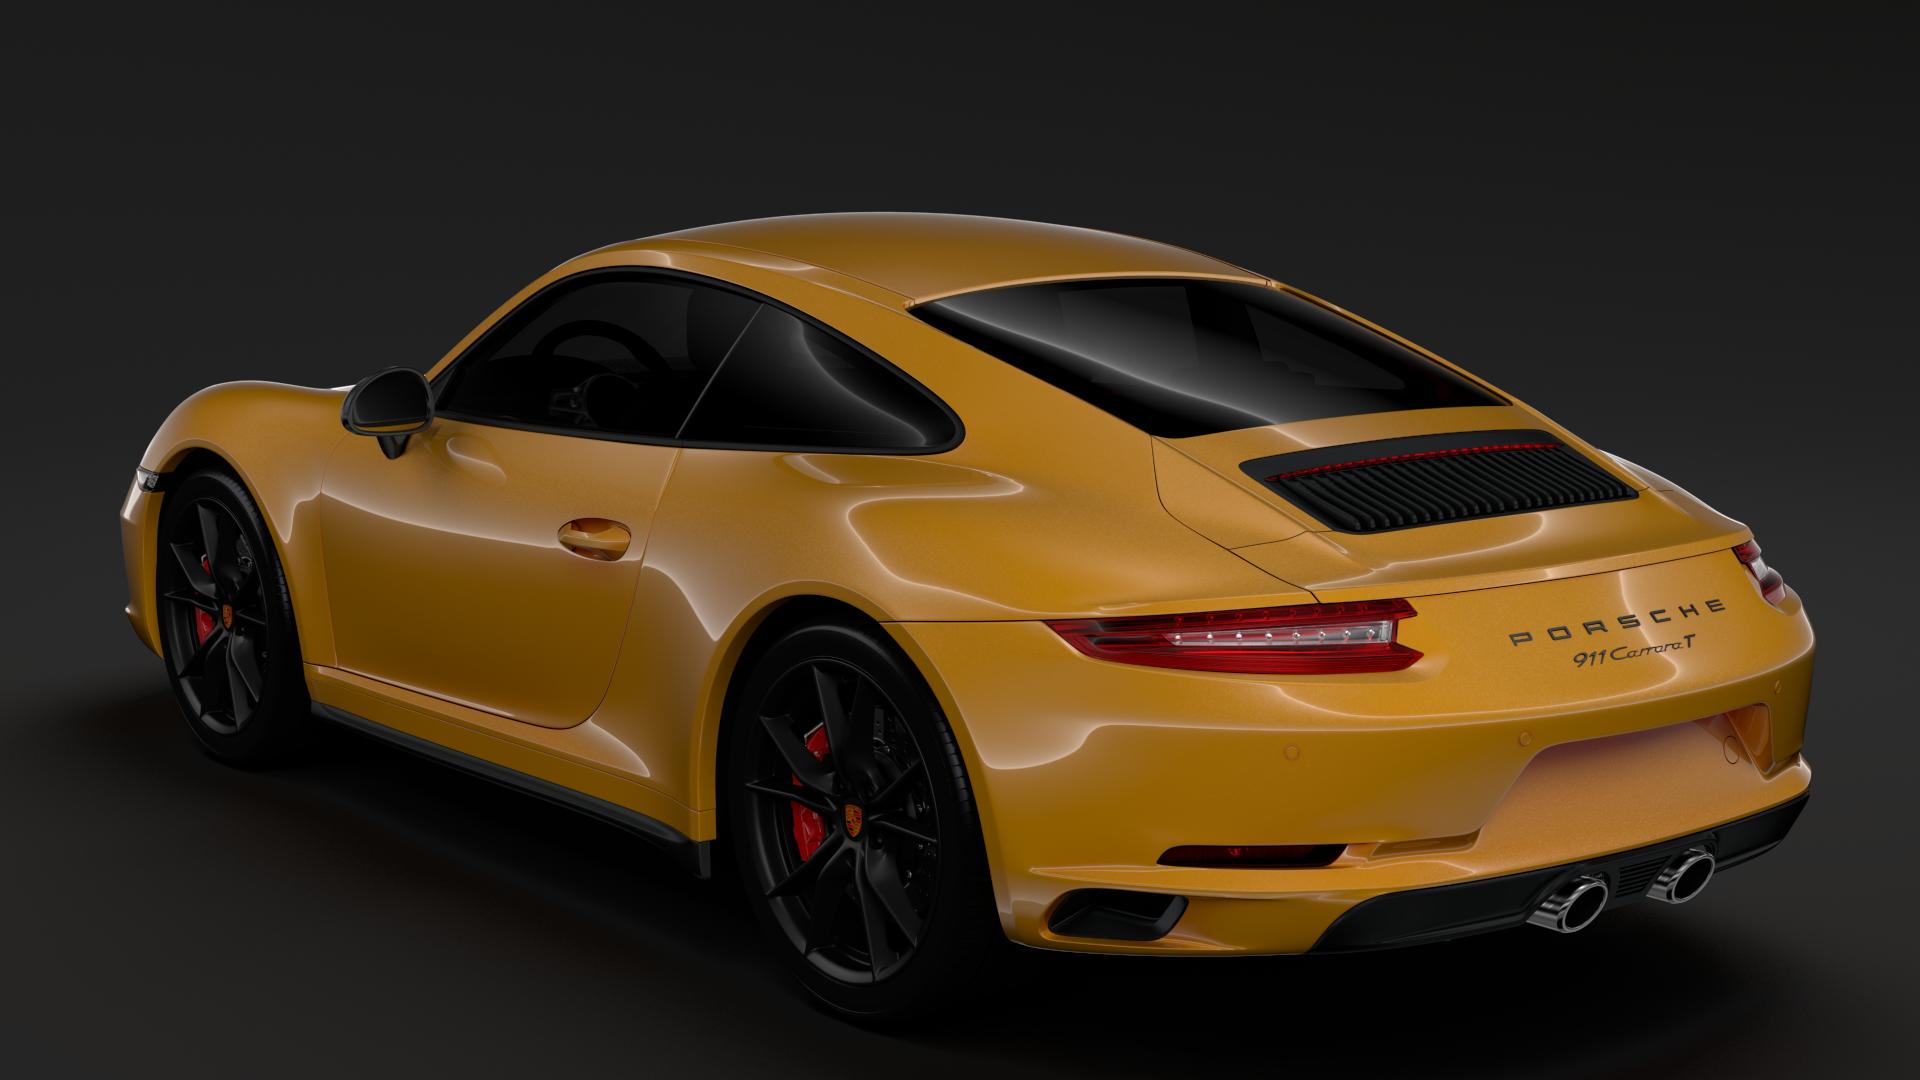 porsche 911 carrera t coupe (991) 2018 3d model max fbx c4d lwo ma mb hrc xsi obj 278967